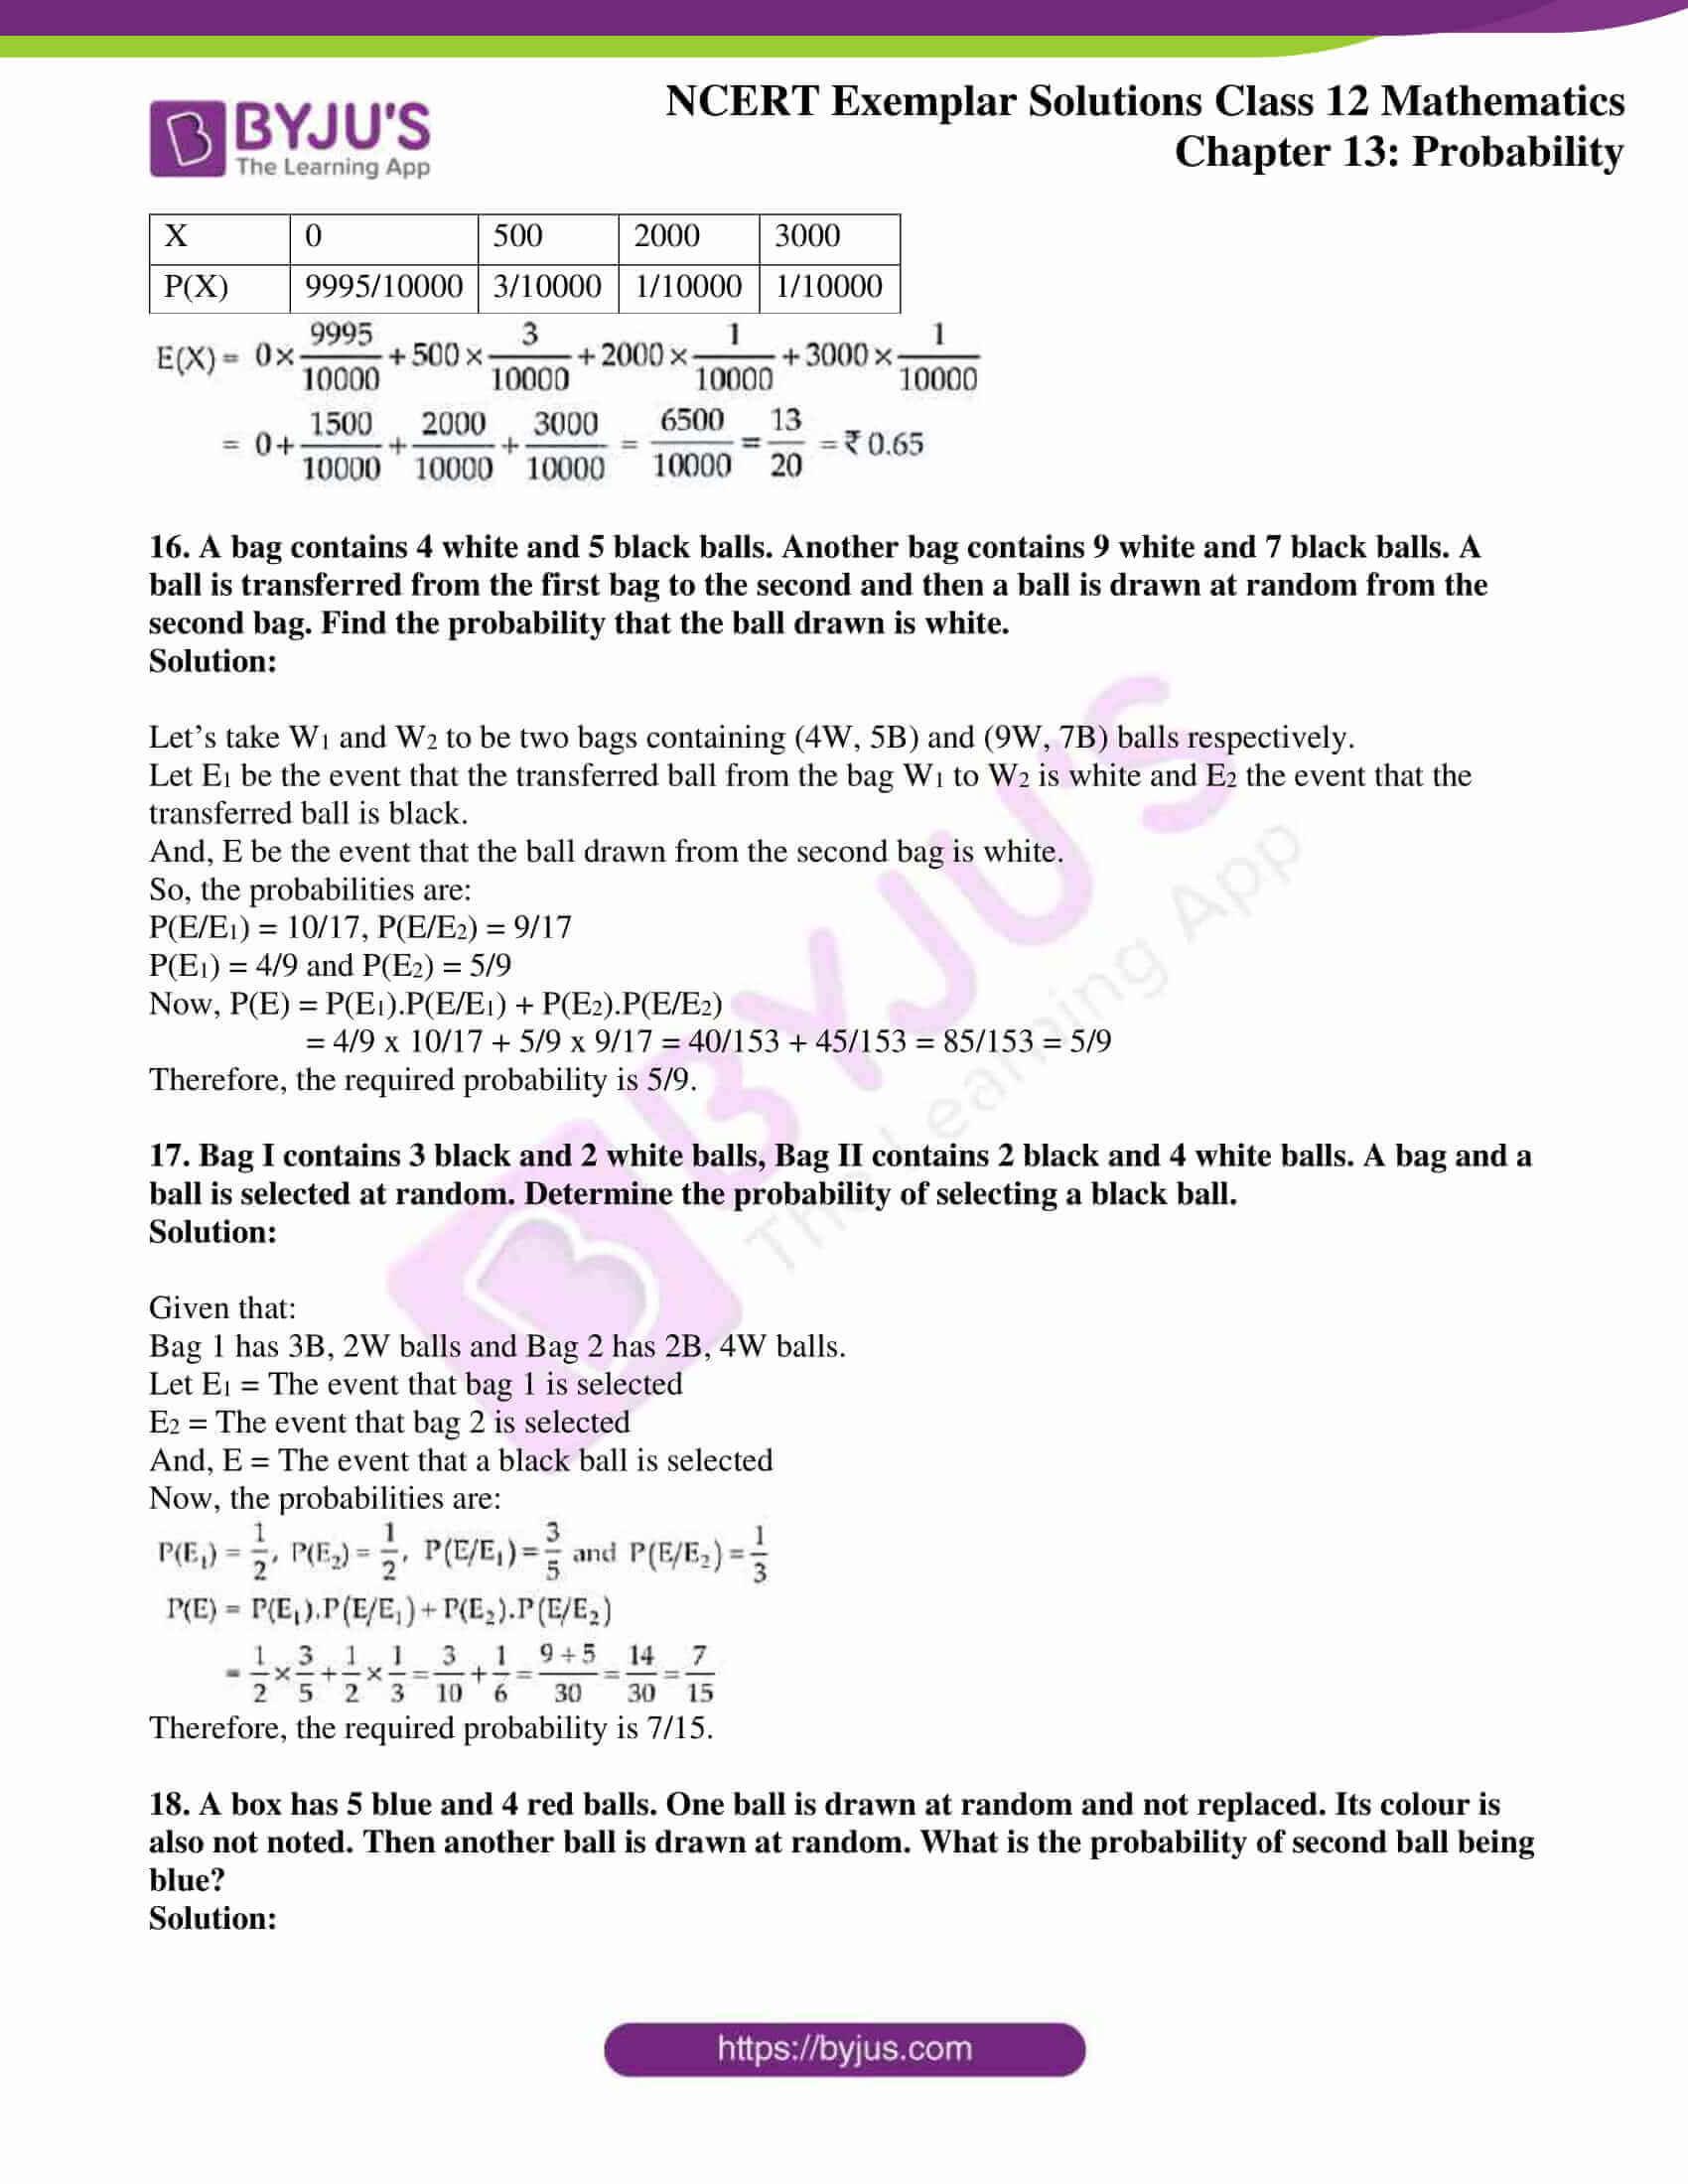 ncert exemplar sol class 12 mathematics chapter 13 07